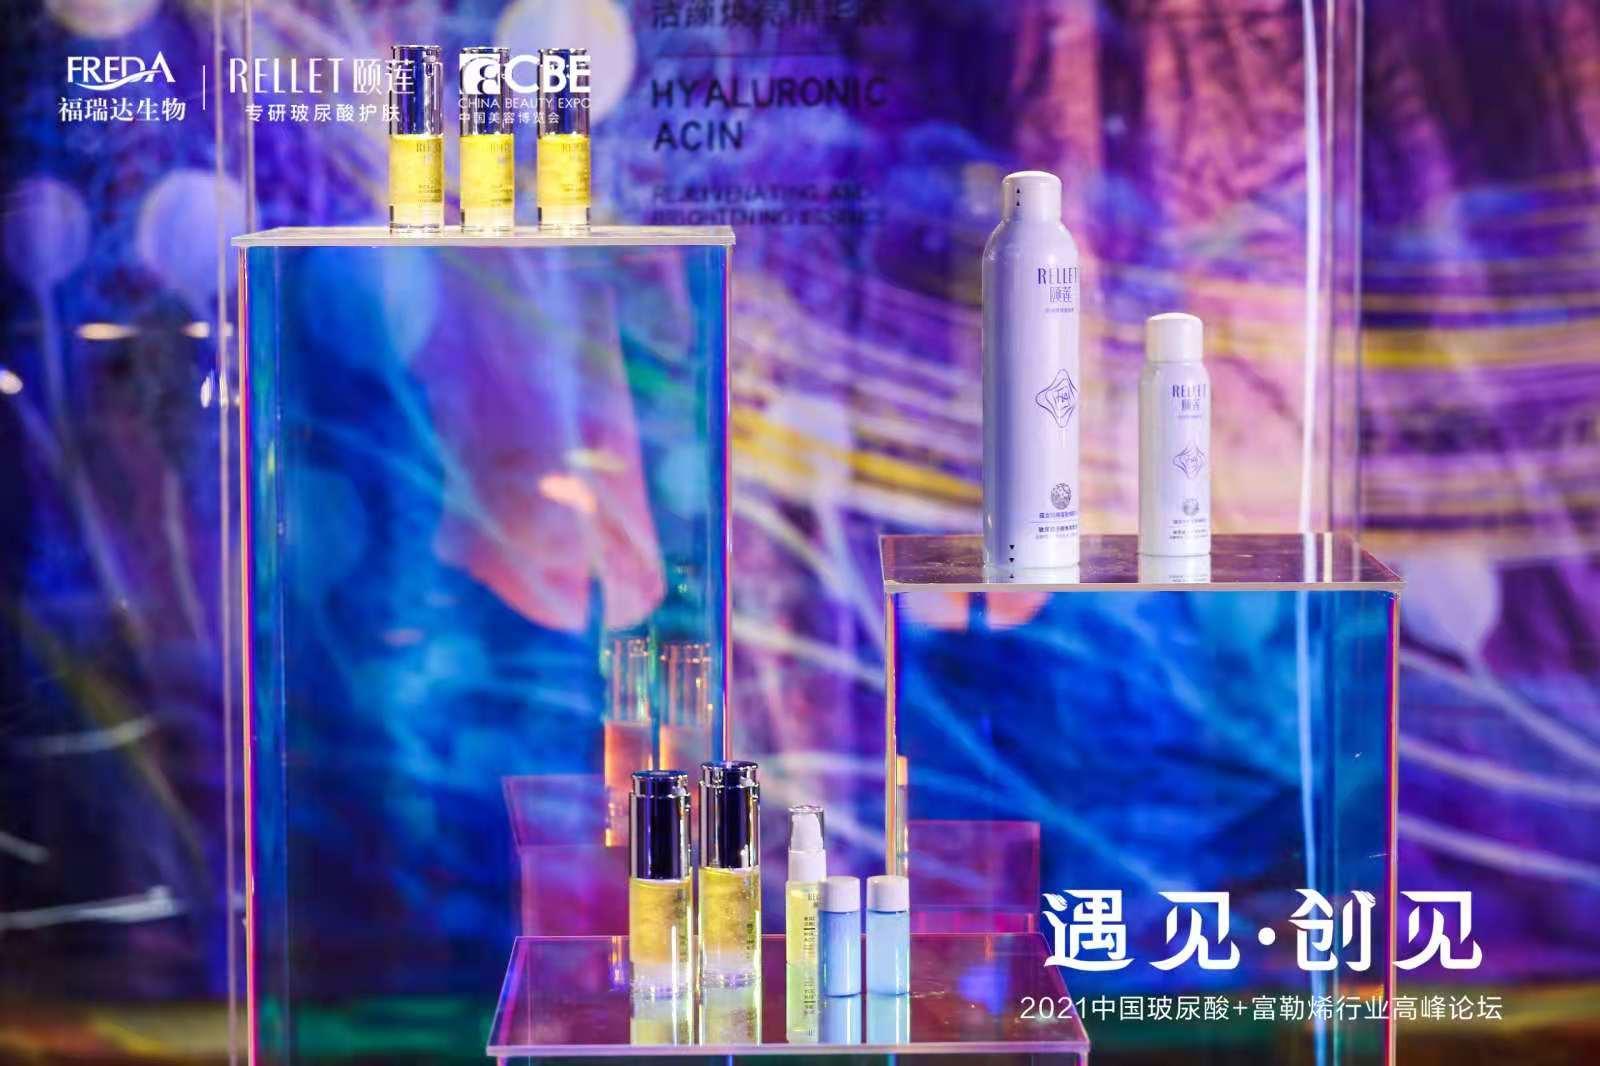 玻尿酸+富勒烯,鲁商发展引领国人化妆品美好未来